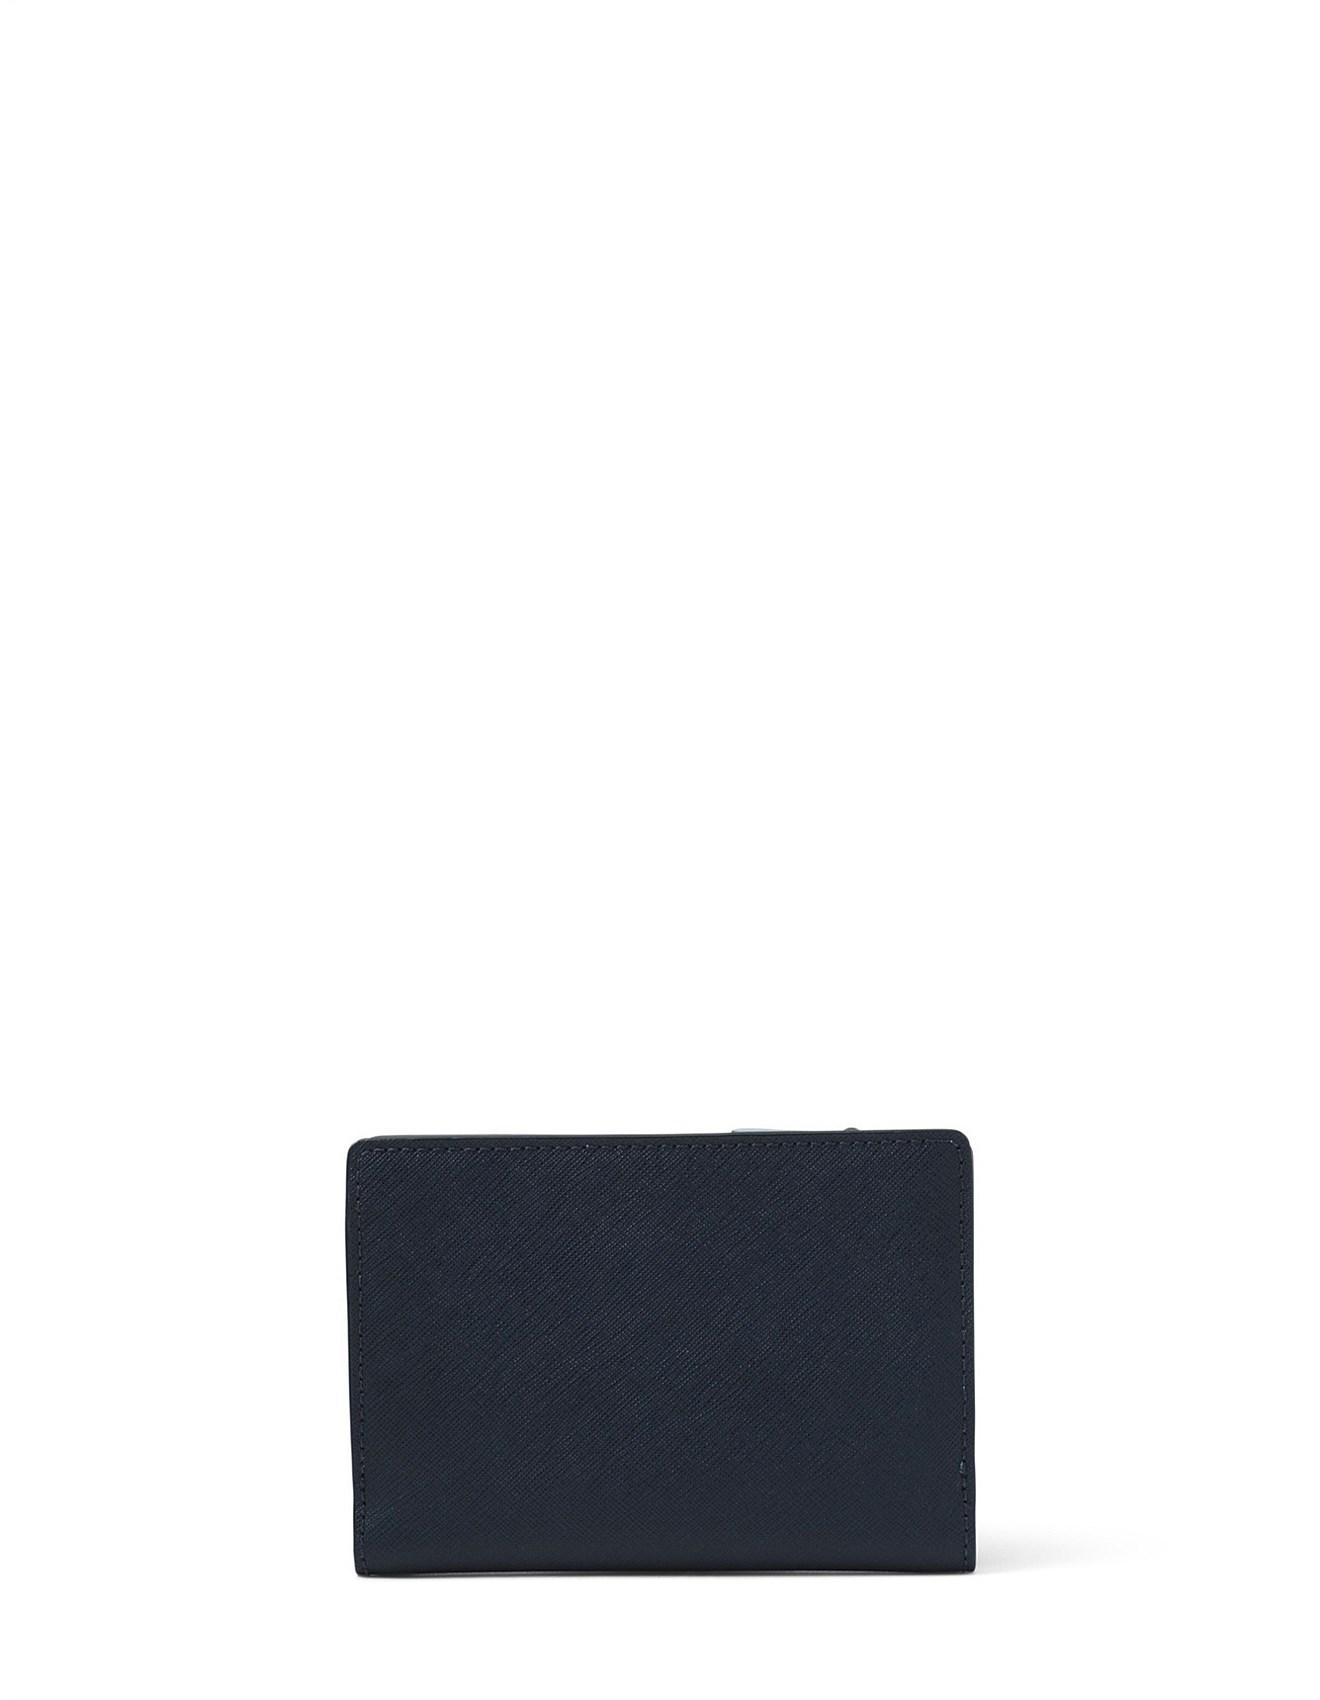 7d5e2915c5ce Jet Set Medium Saffiano Leather Slim Wallet. 1; 2; 3; 4. Zoom. Michael Kors